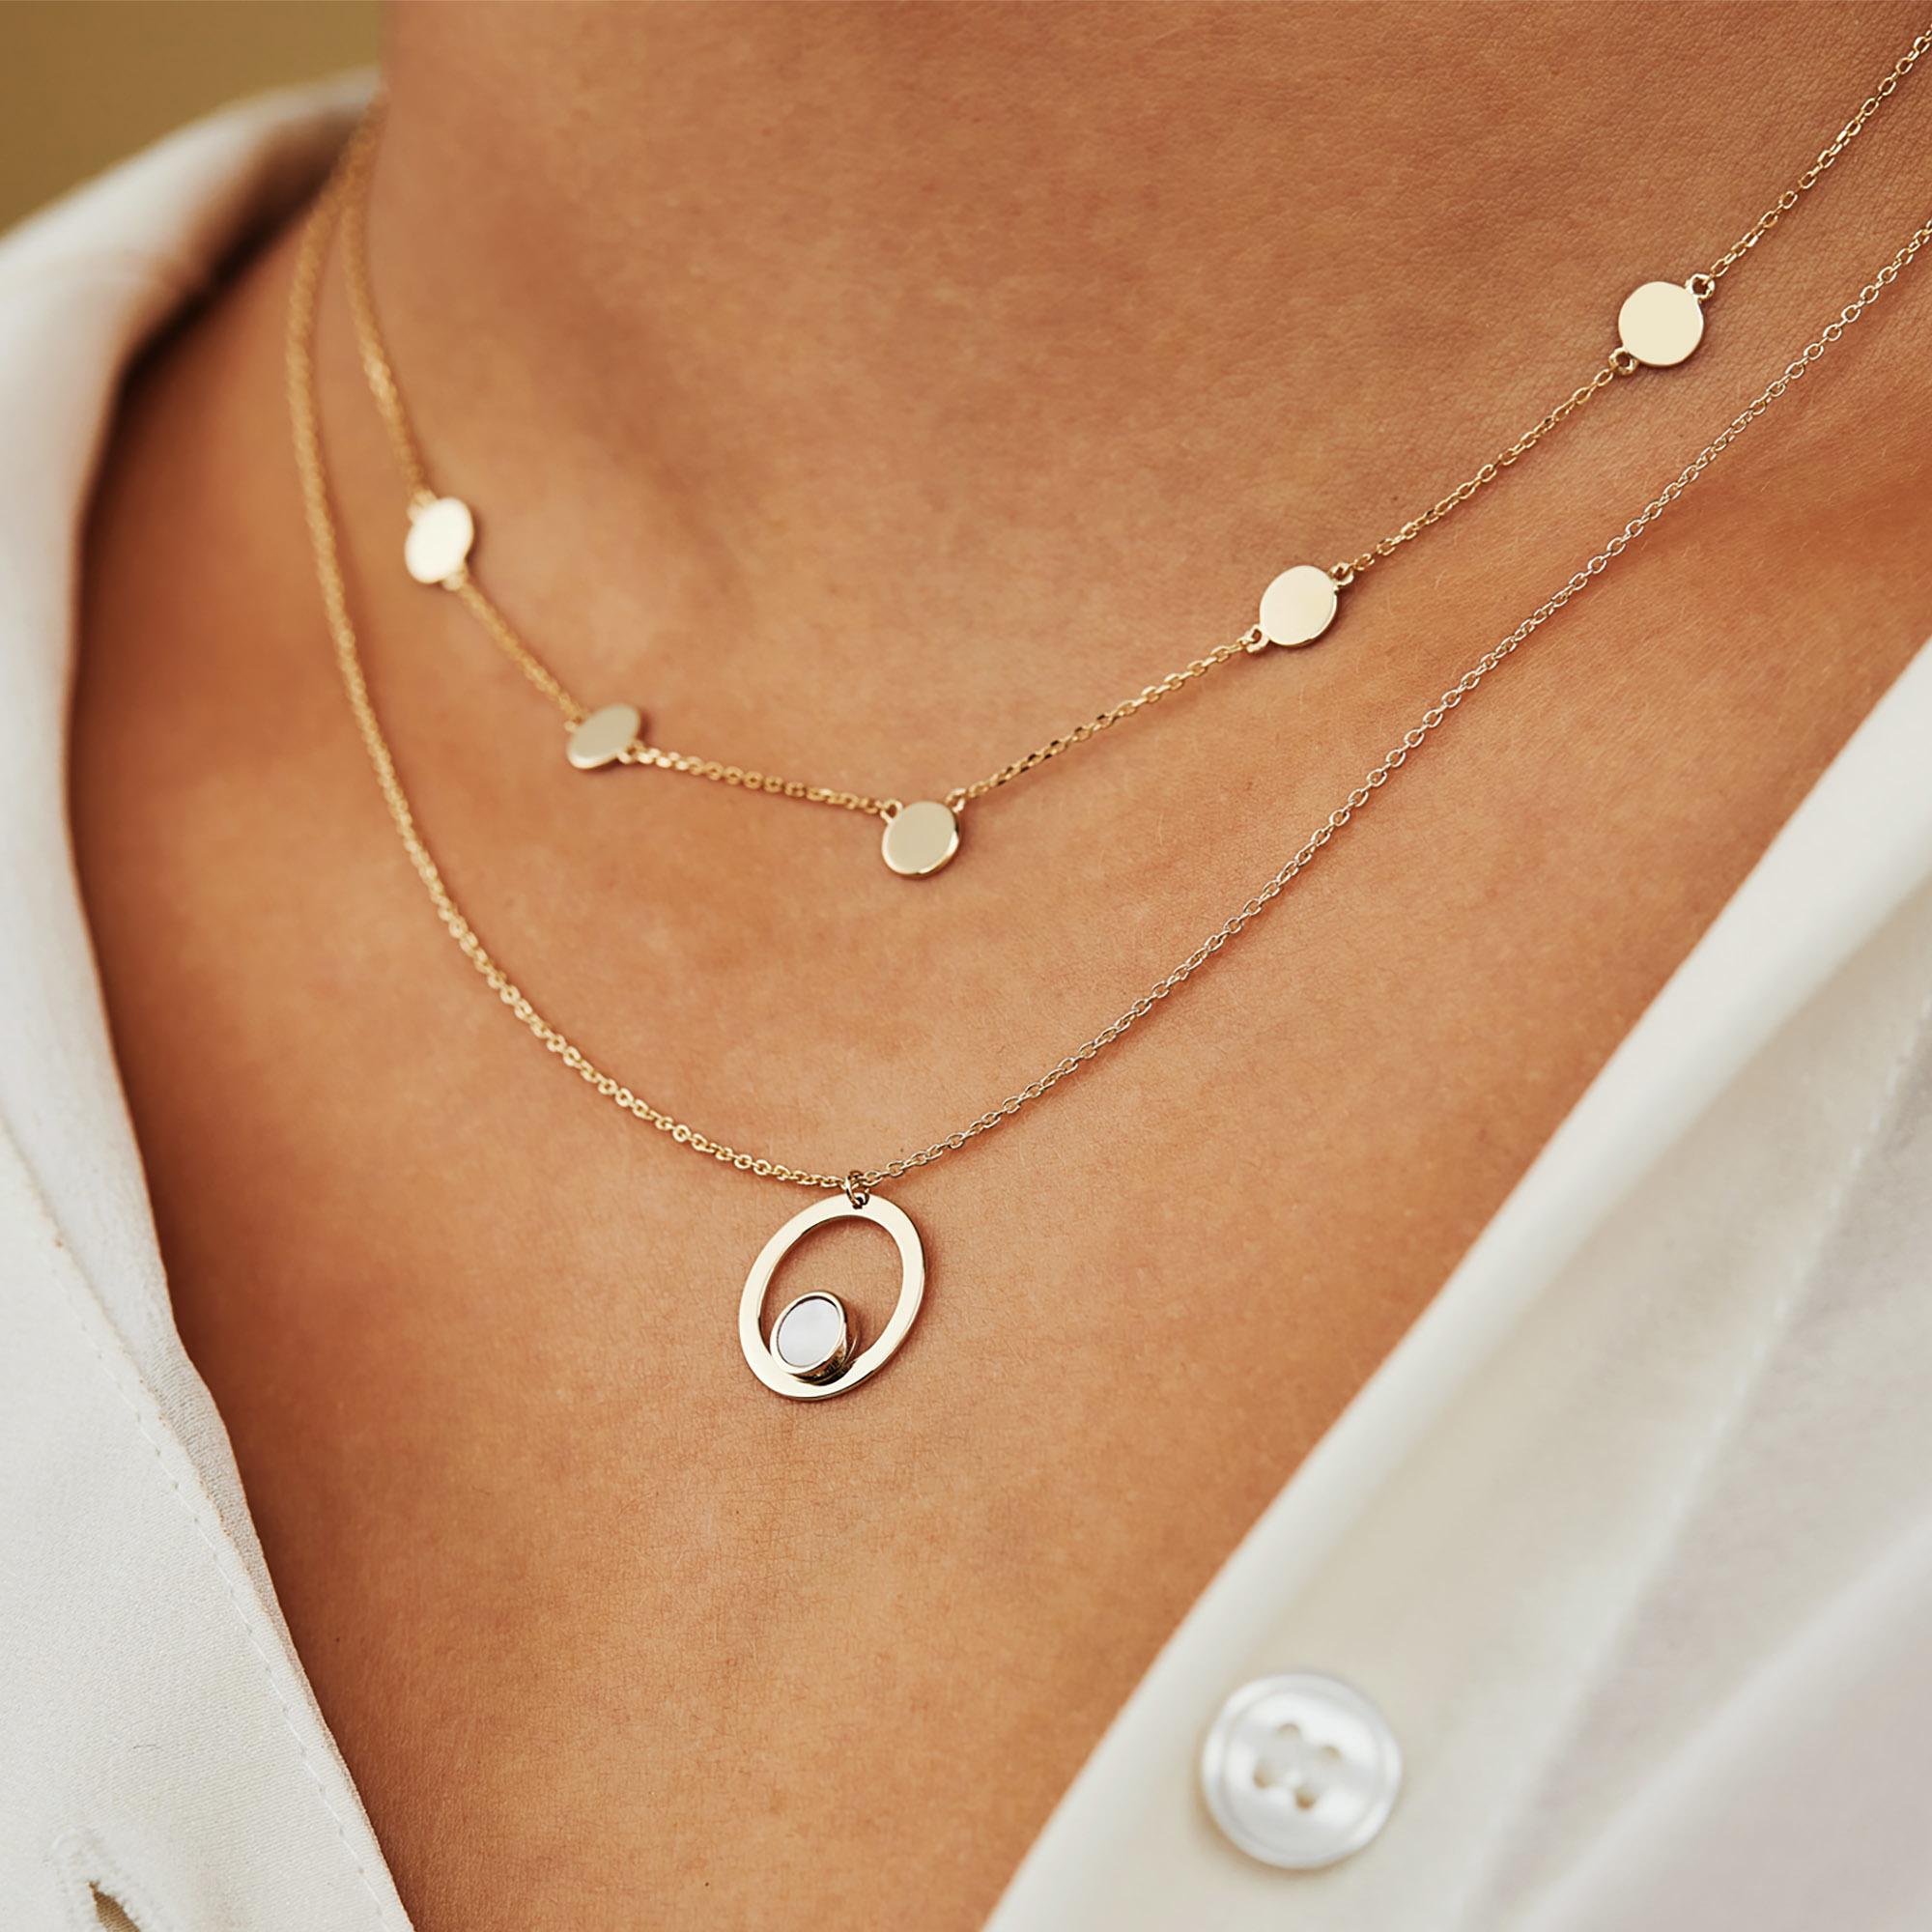 Isabel Bernard Belleville Luna 14 karat gold necklace with freshwater pearl